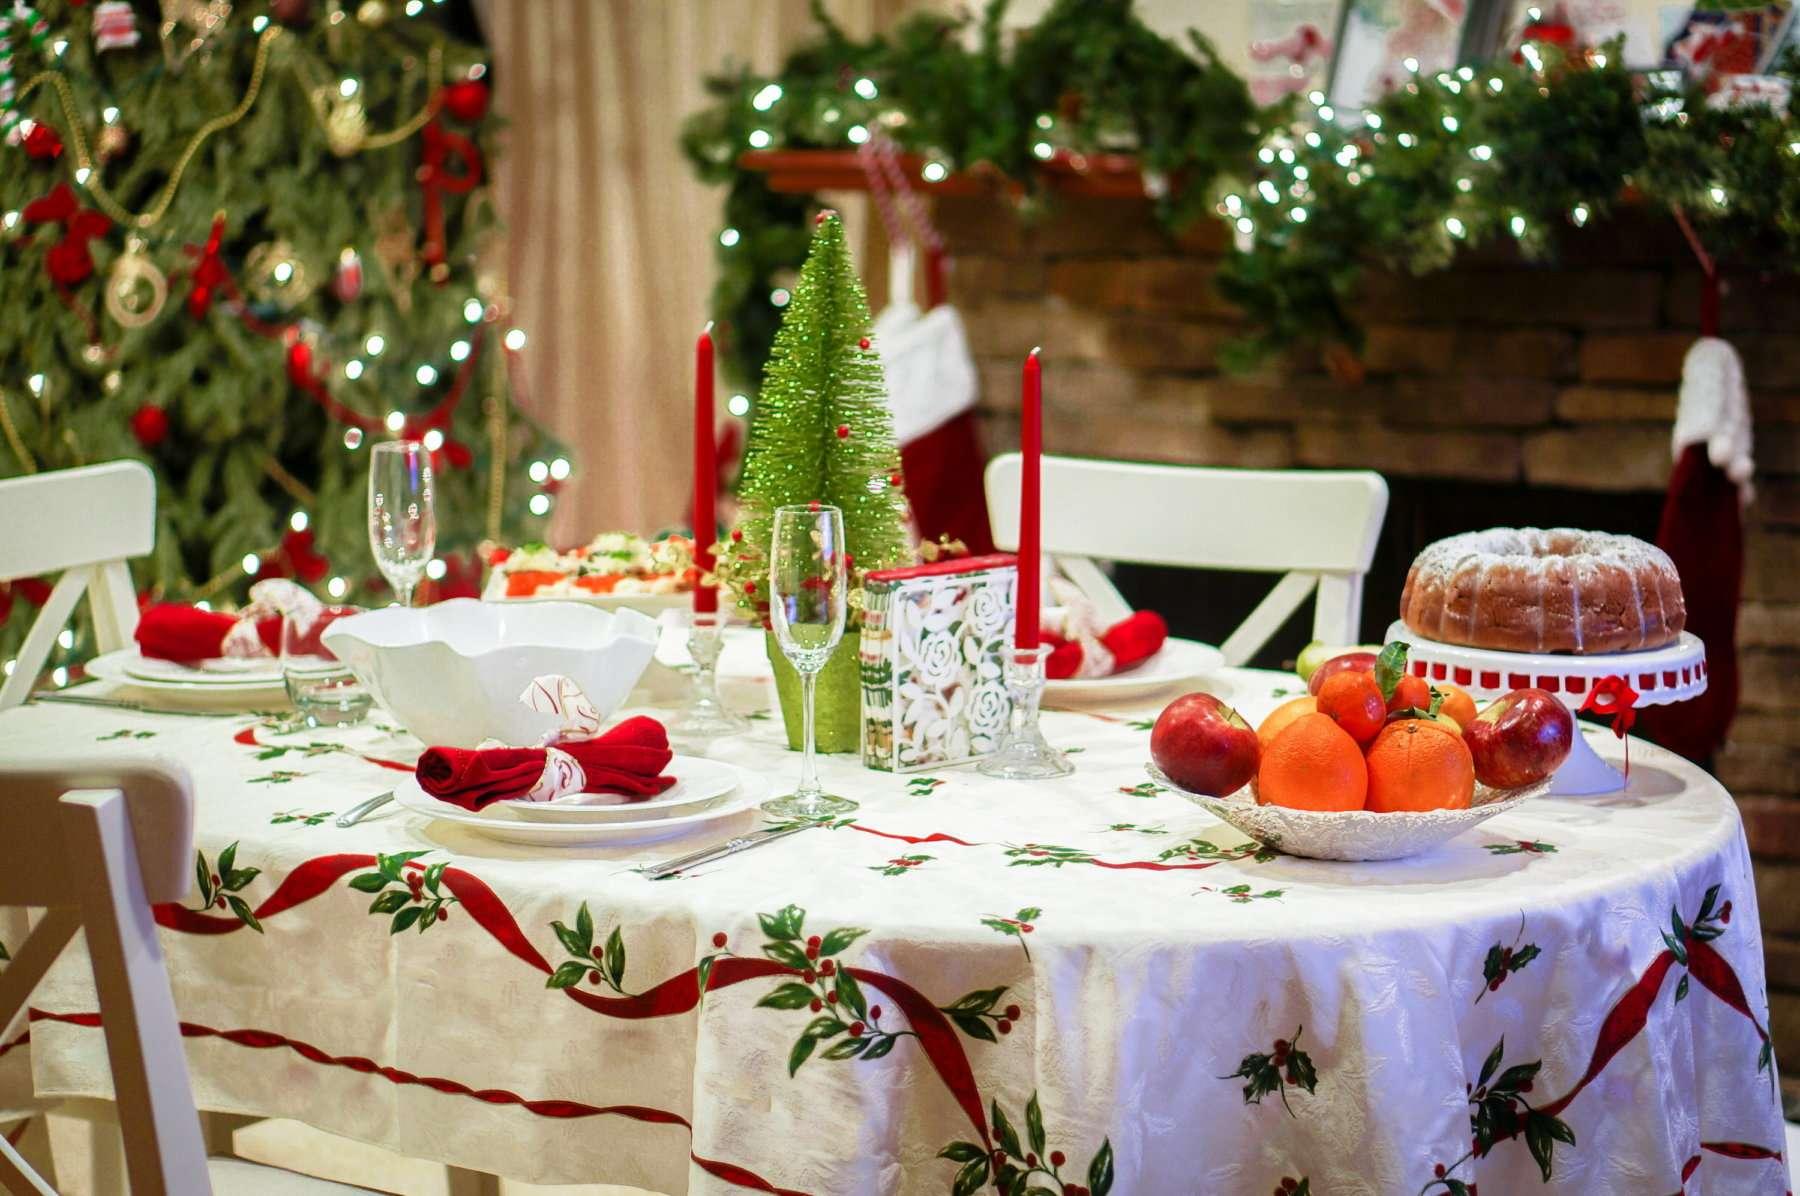 моих картинки новогоднего домашнего стола с едой известно